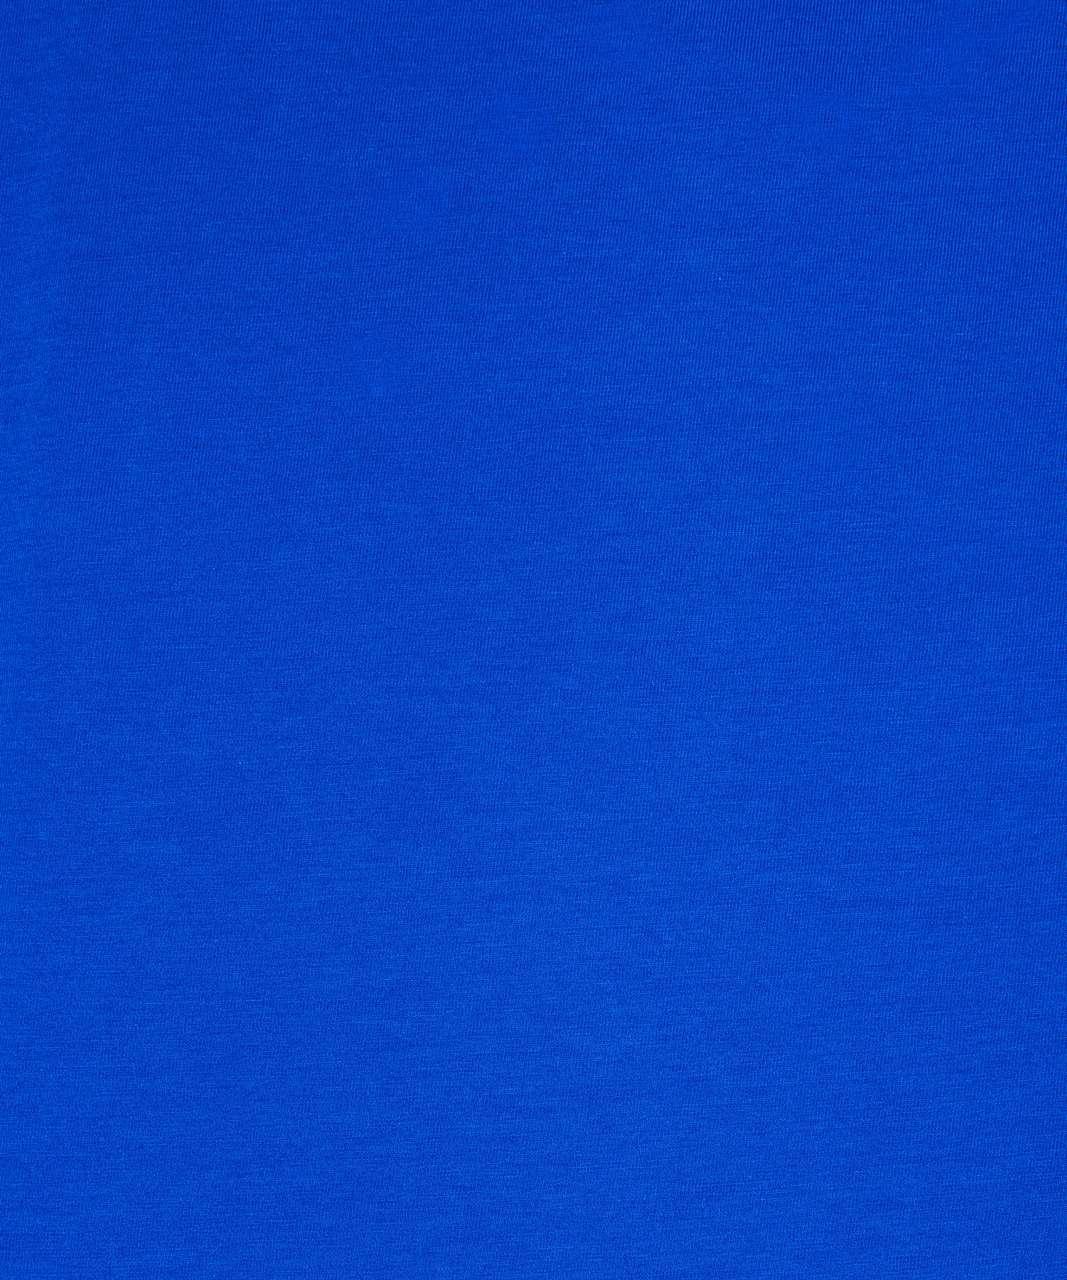 Lululemon Love Tee V - Cerulean Blue